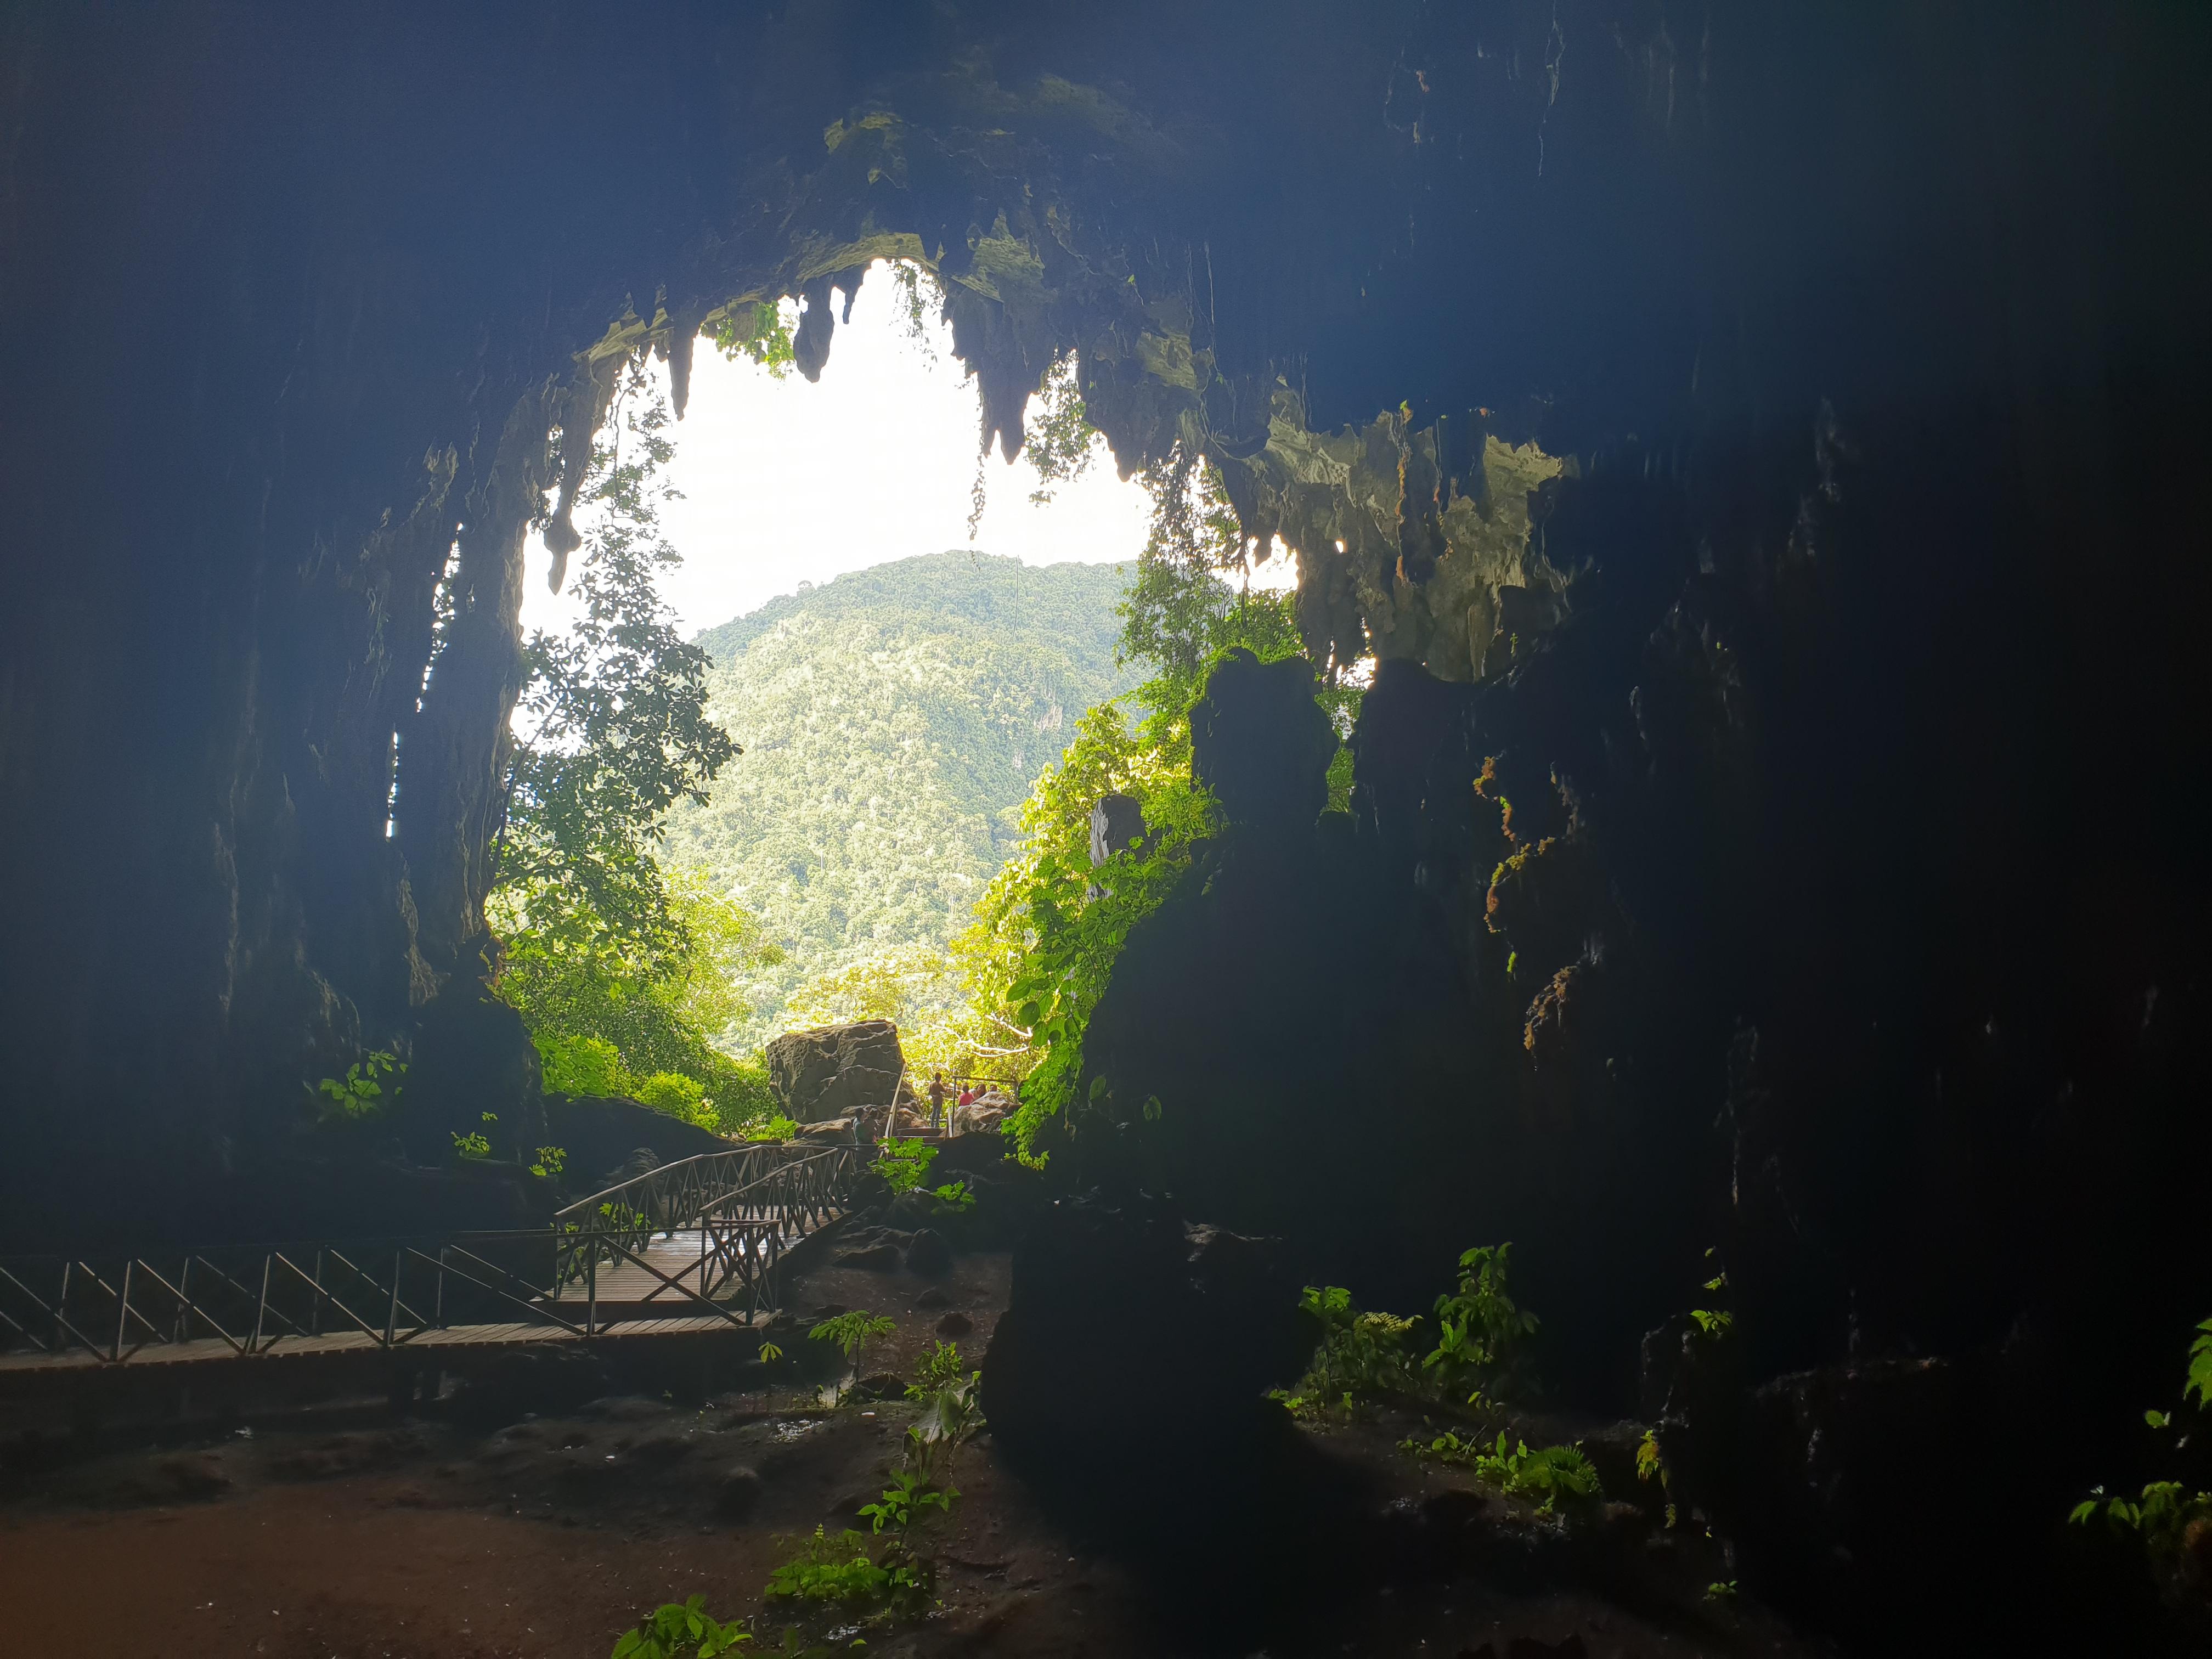 Cueva de las Lechuzas